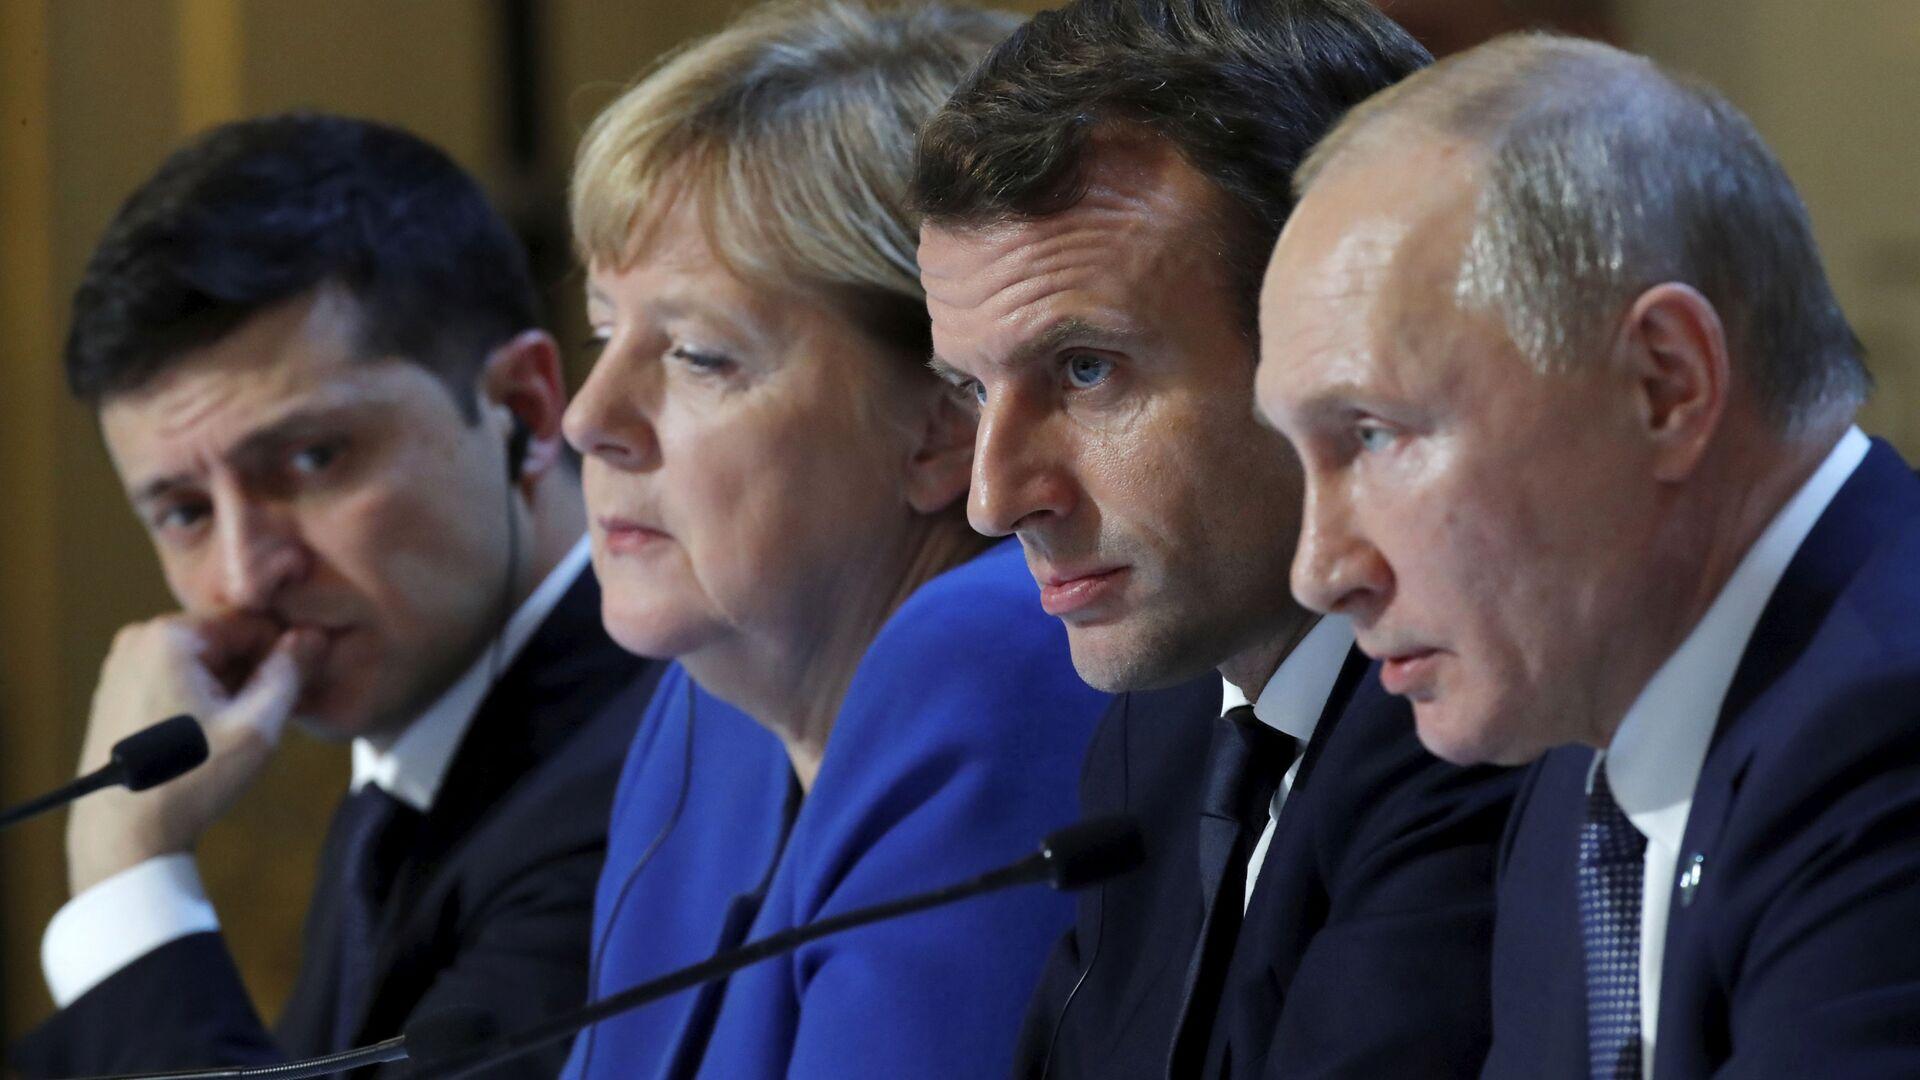 Los líderes del Cuarteto de Normandía: Volodímir Zelenski, Angela Merkel, Emmanuel Macron y Vladímir Putin - Sputnik Mundo, 1920, 16.04.2021